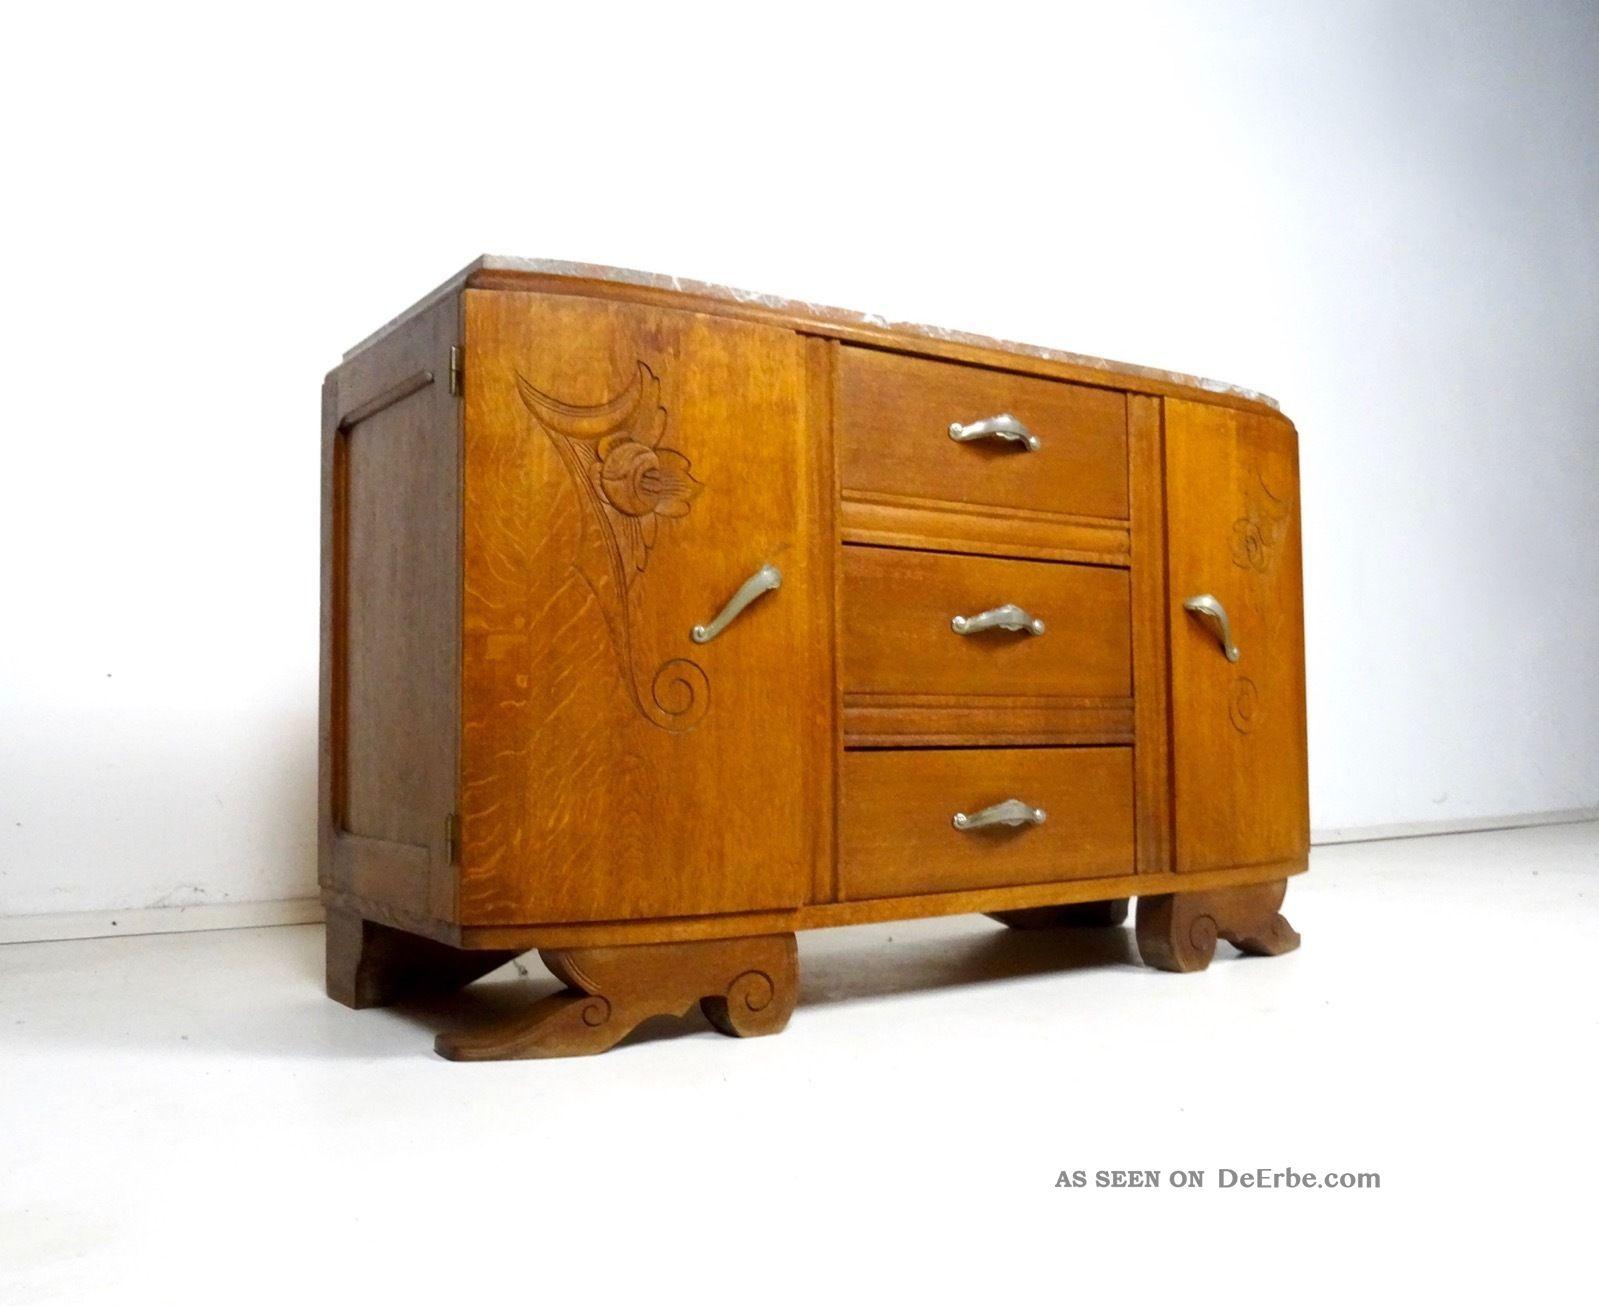 jugendstil kommode frankreich marmor eiche antik m bel handschnitzereien. Black Bedroom Furniture Sets. Home Design Ideas